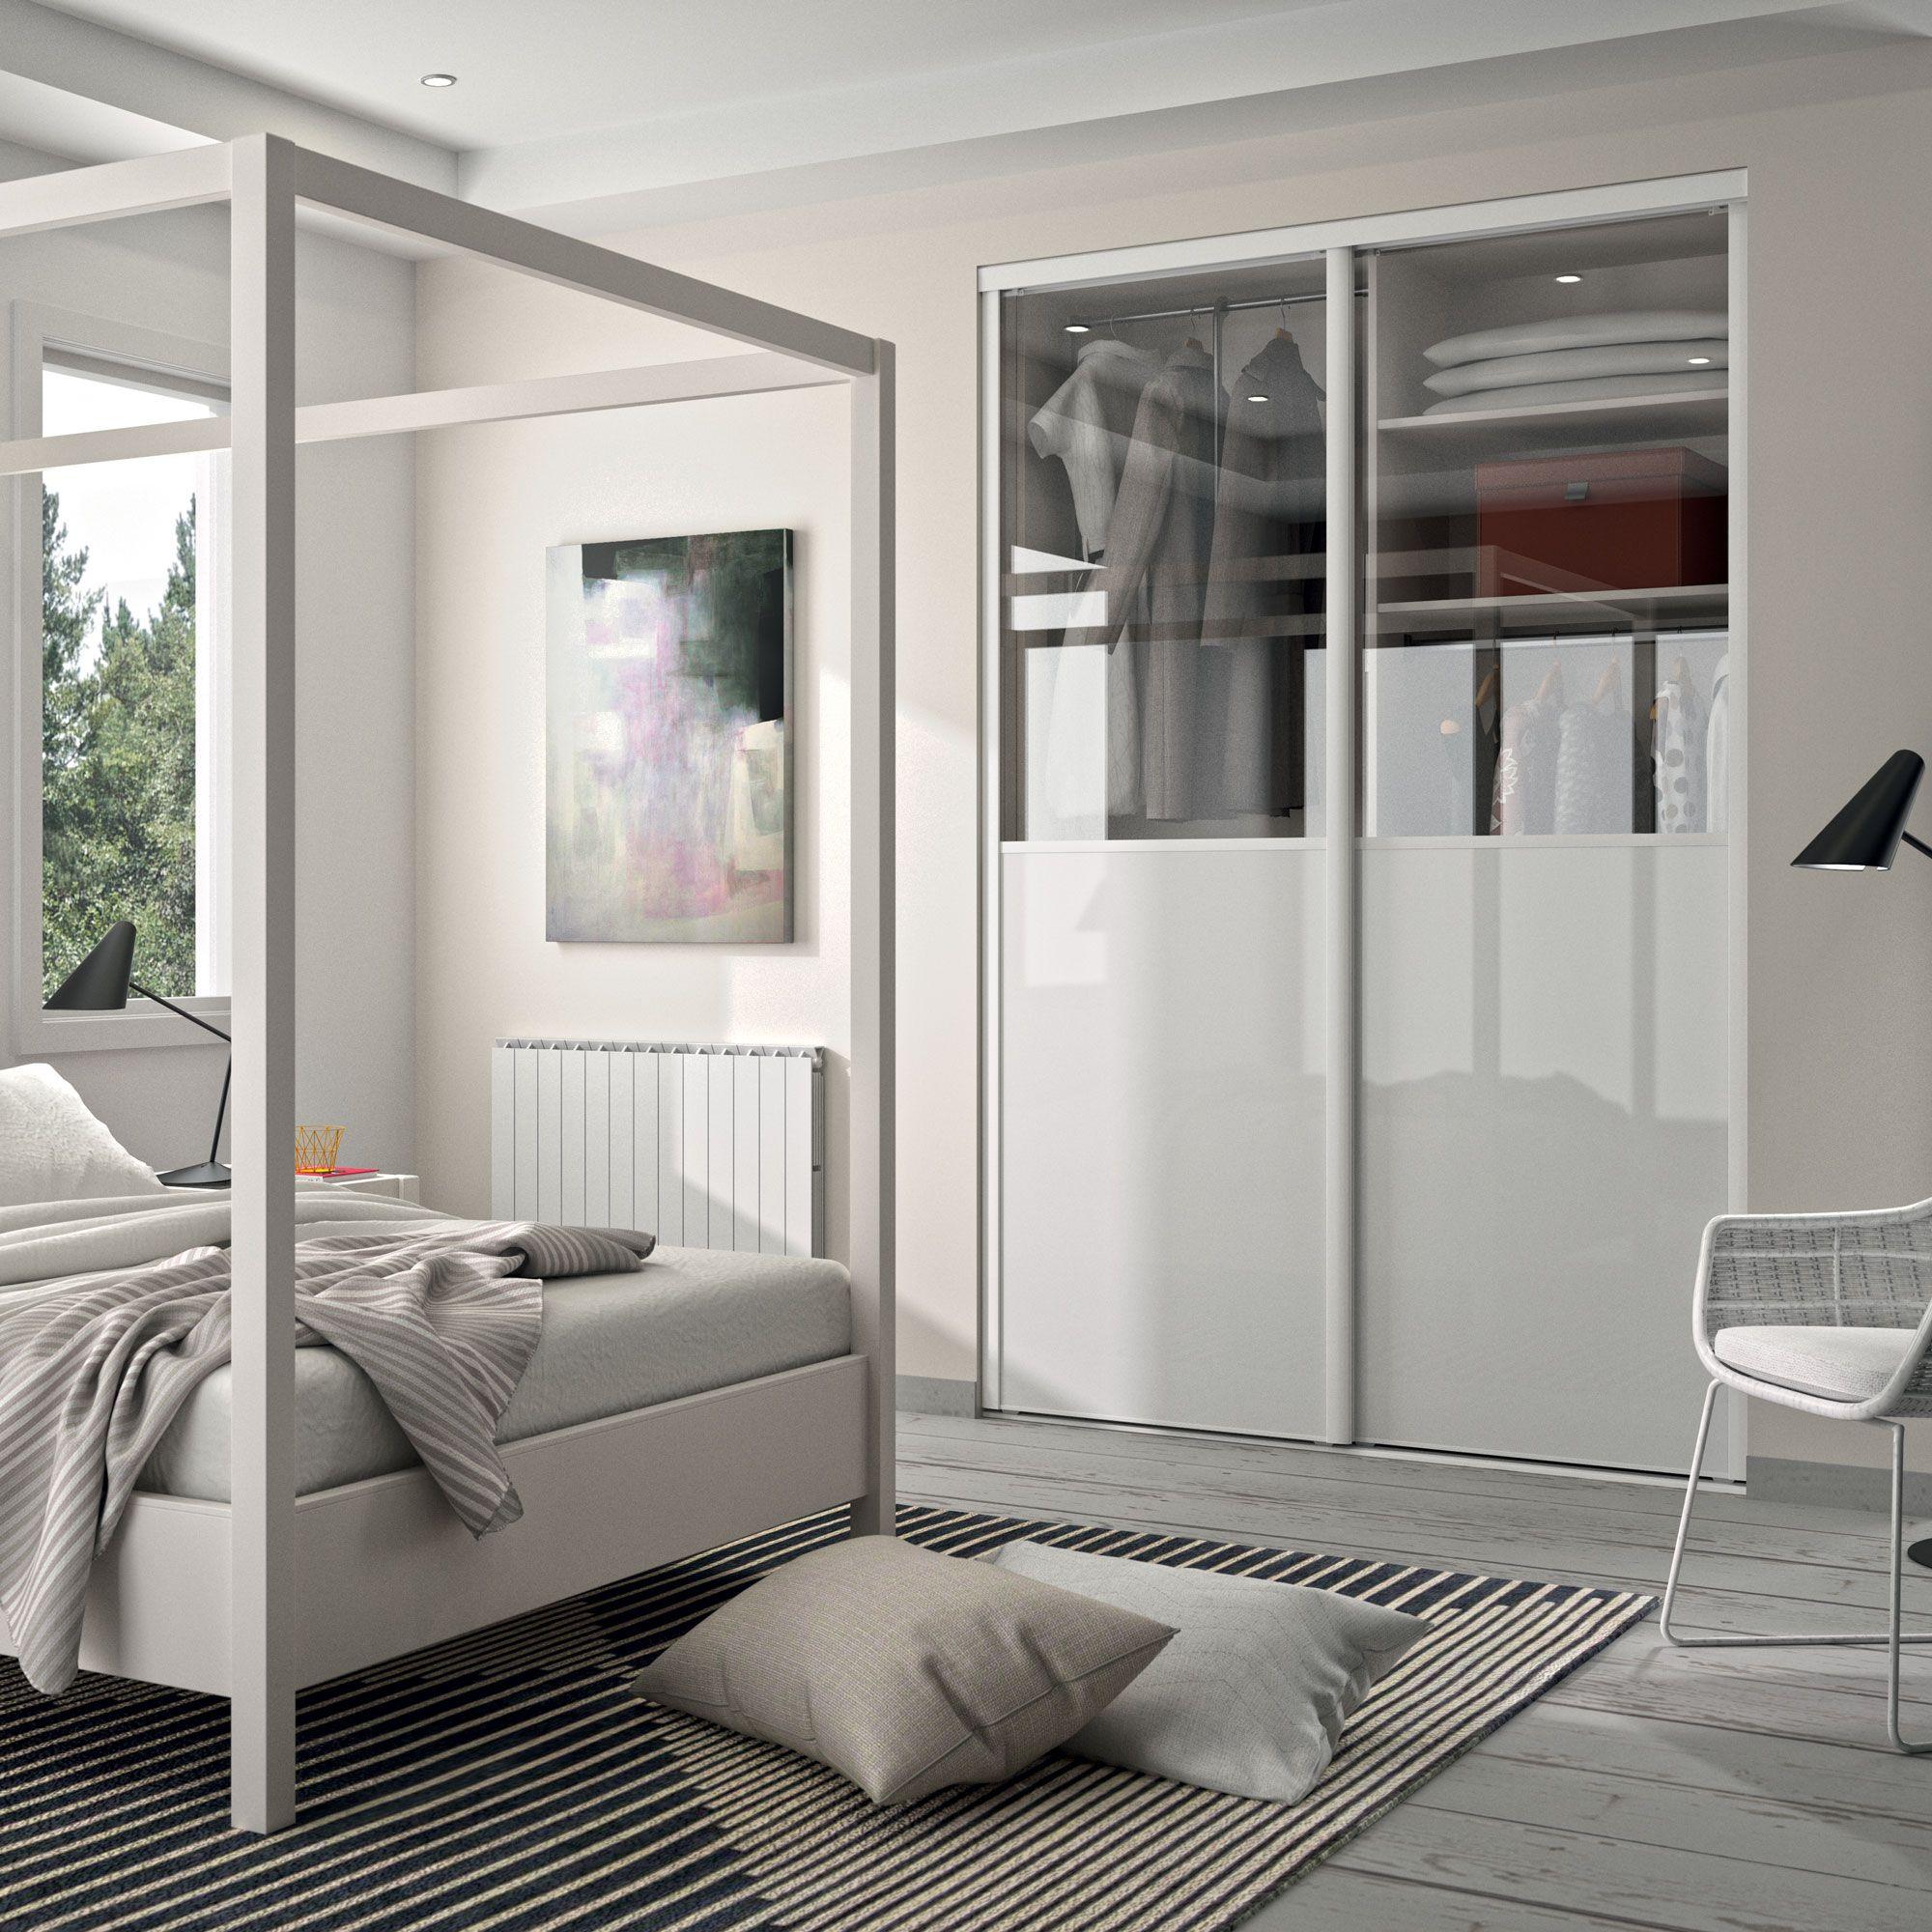 Deco Porte De Placard vos portes de placard deviendront un élément de décoration